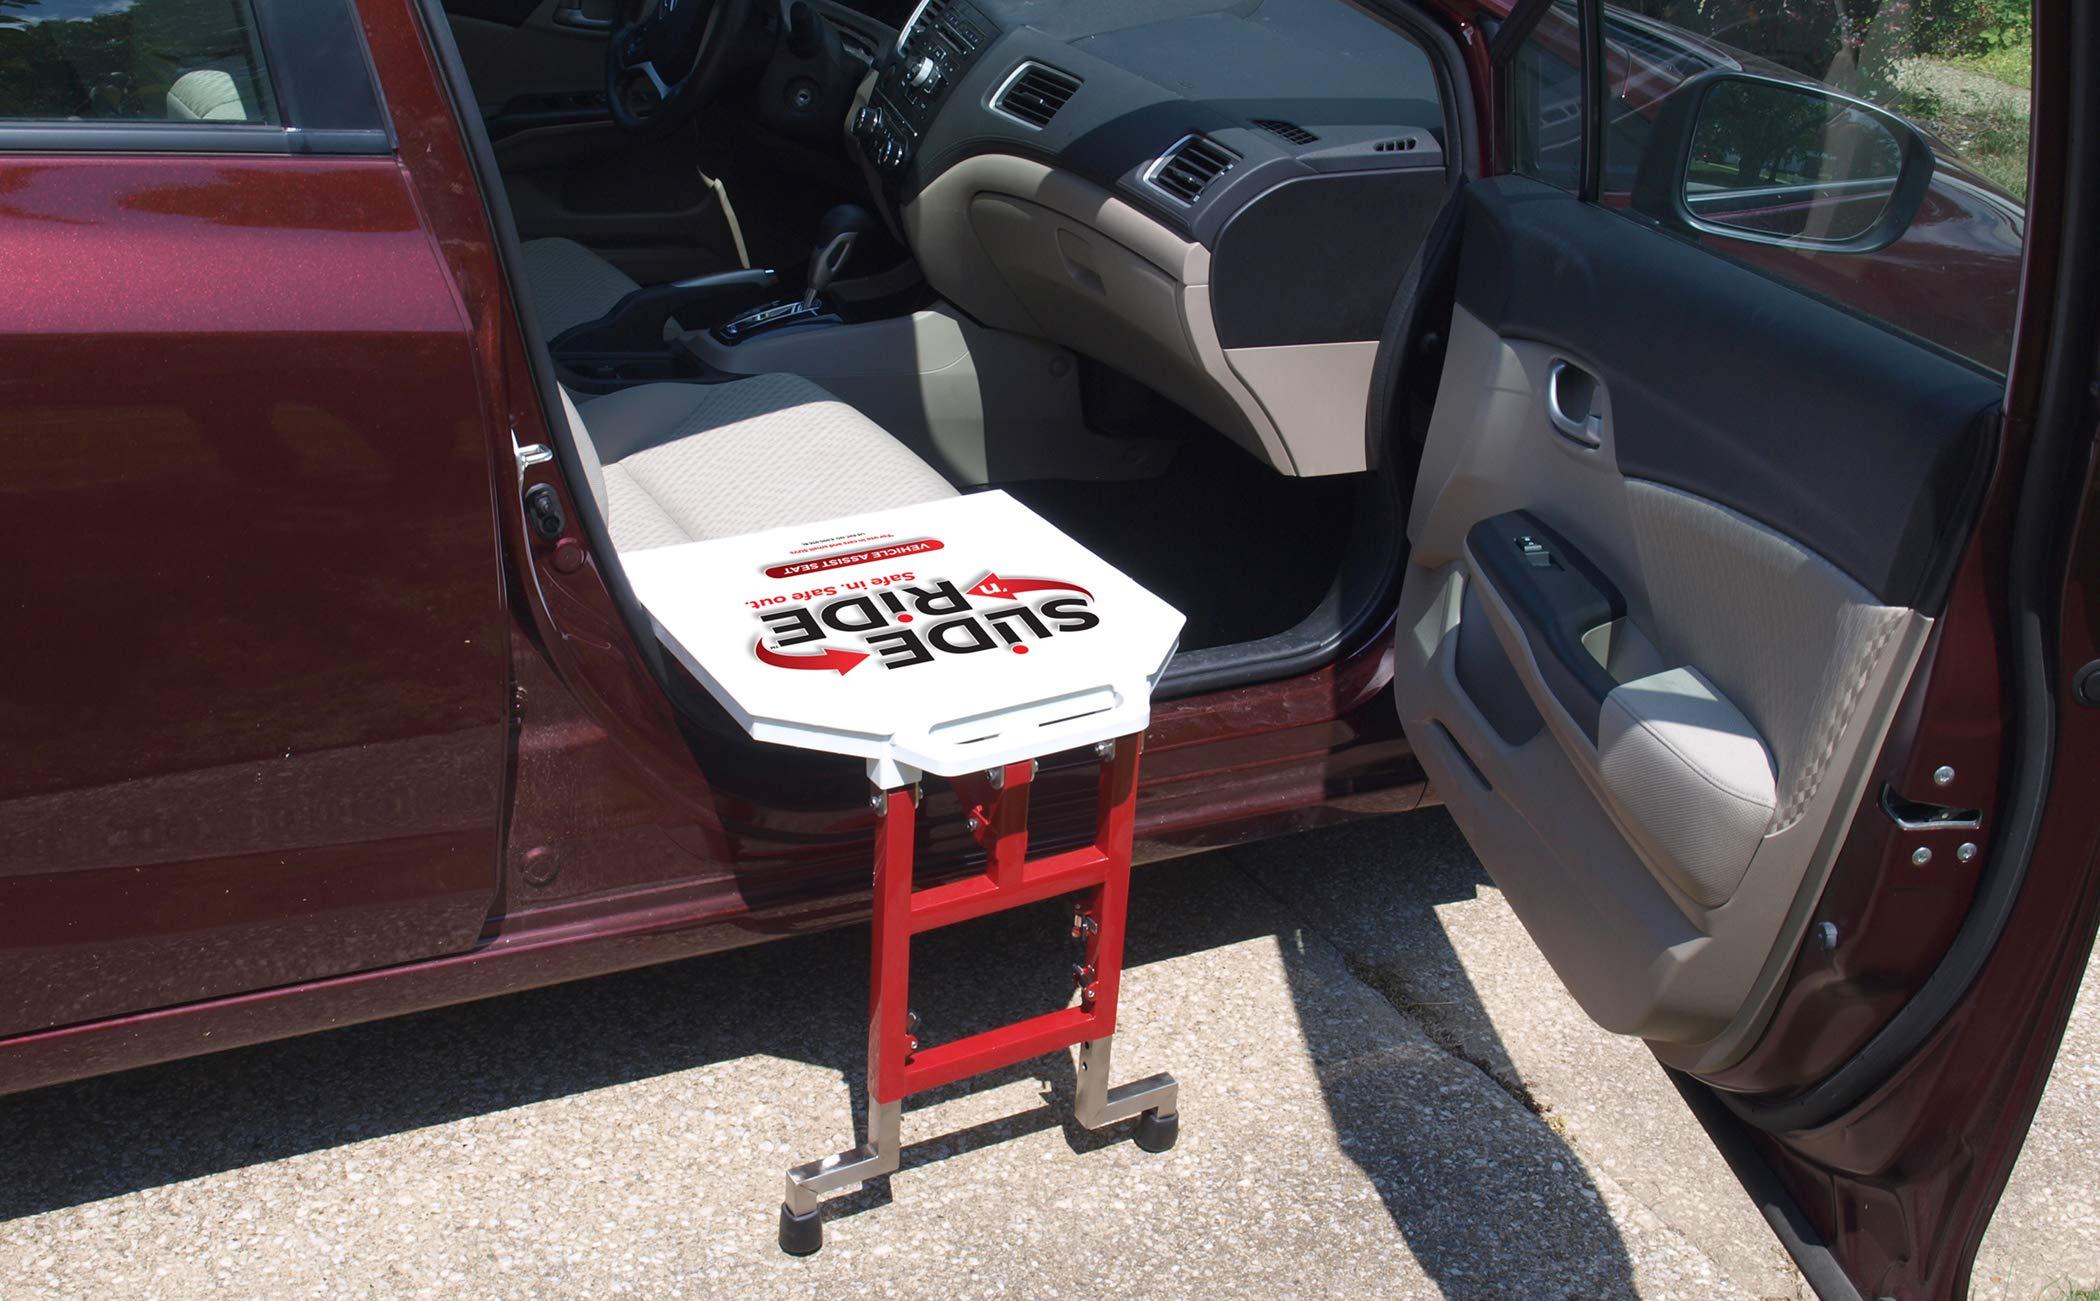 SLIDE 'n RIDE Vehicle Assist Seat by SLIDE 'n RIDE Vehicle Assist Seat